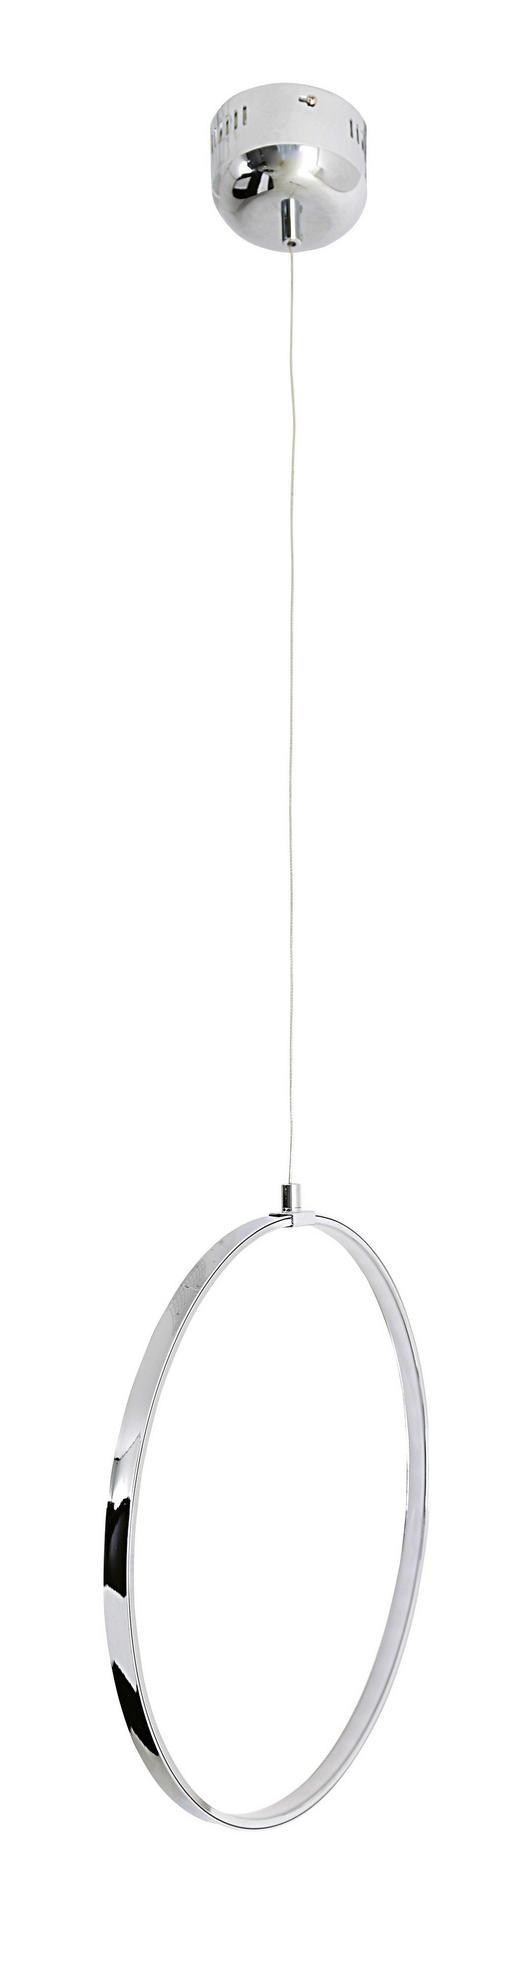 LED-HÄNGELEUCHTE - Chromfarben, Basics, Metall (60/120cm)